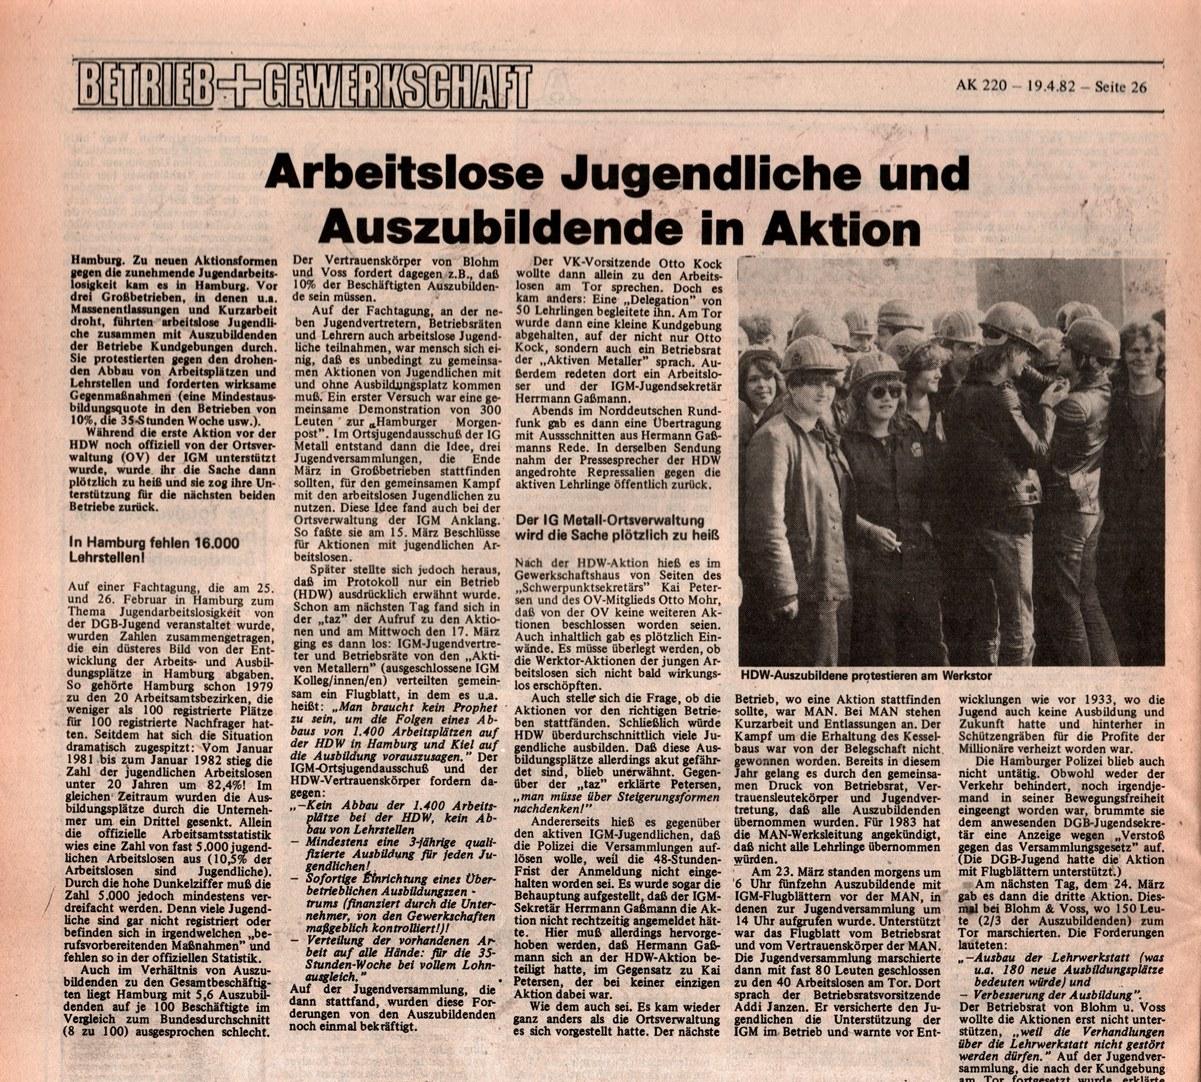 KB_AK_1982_220_051